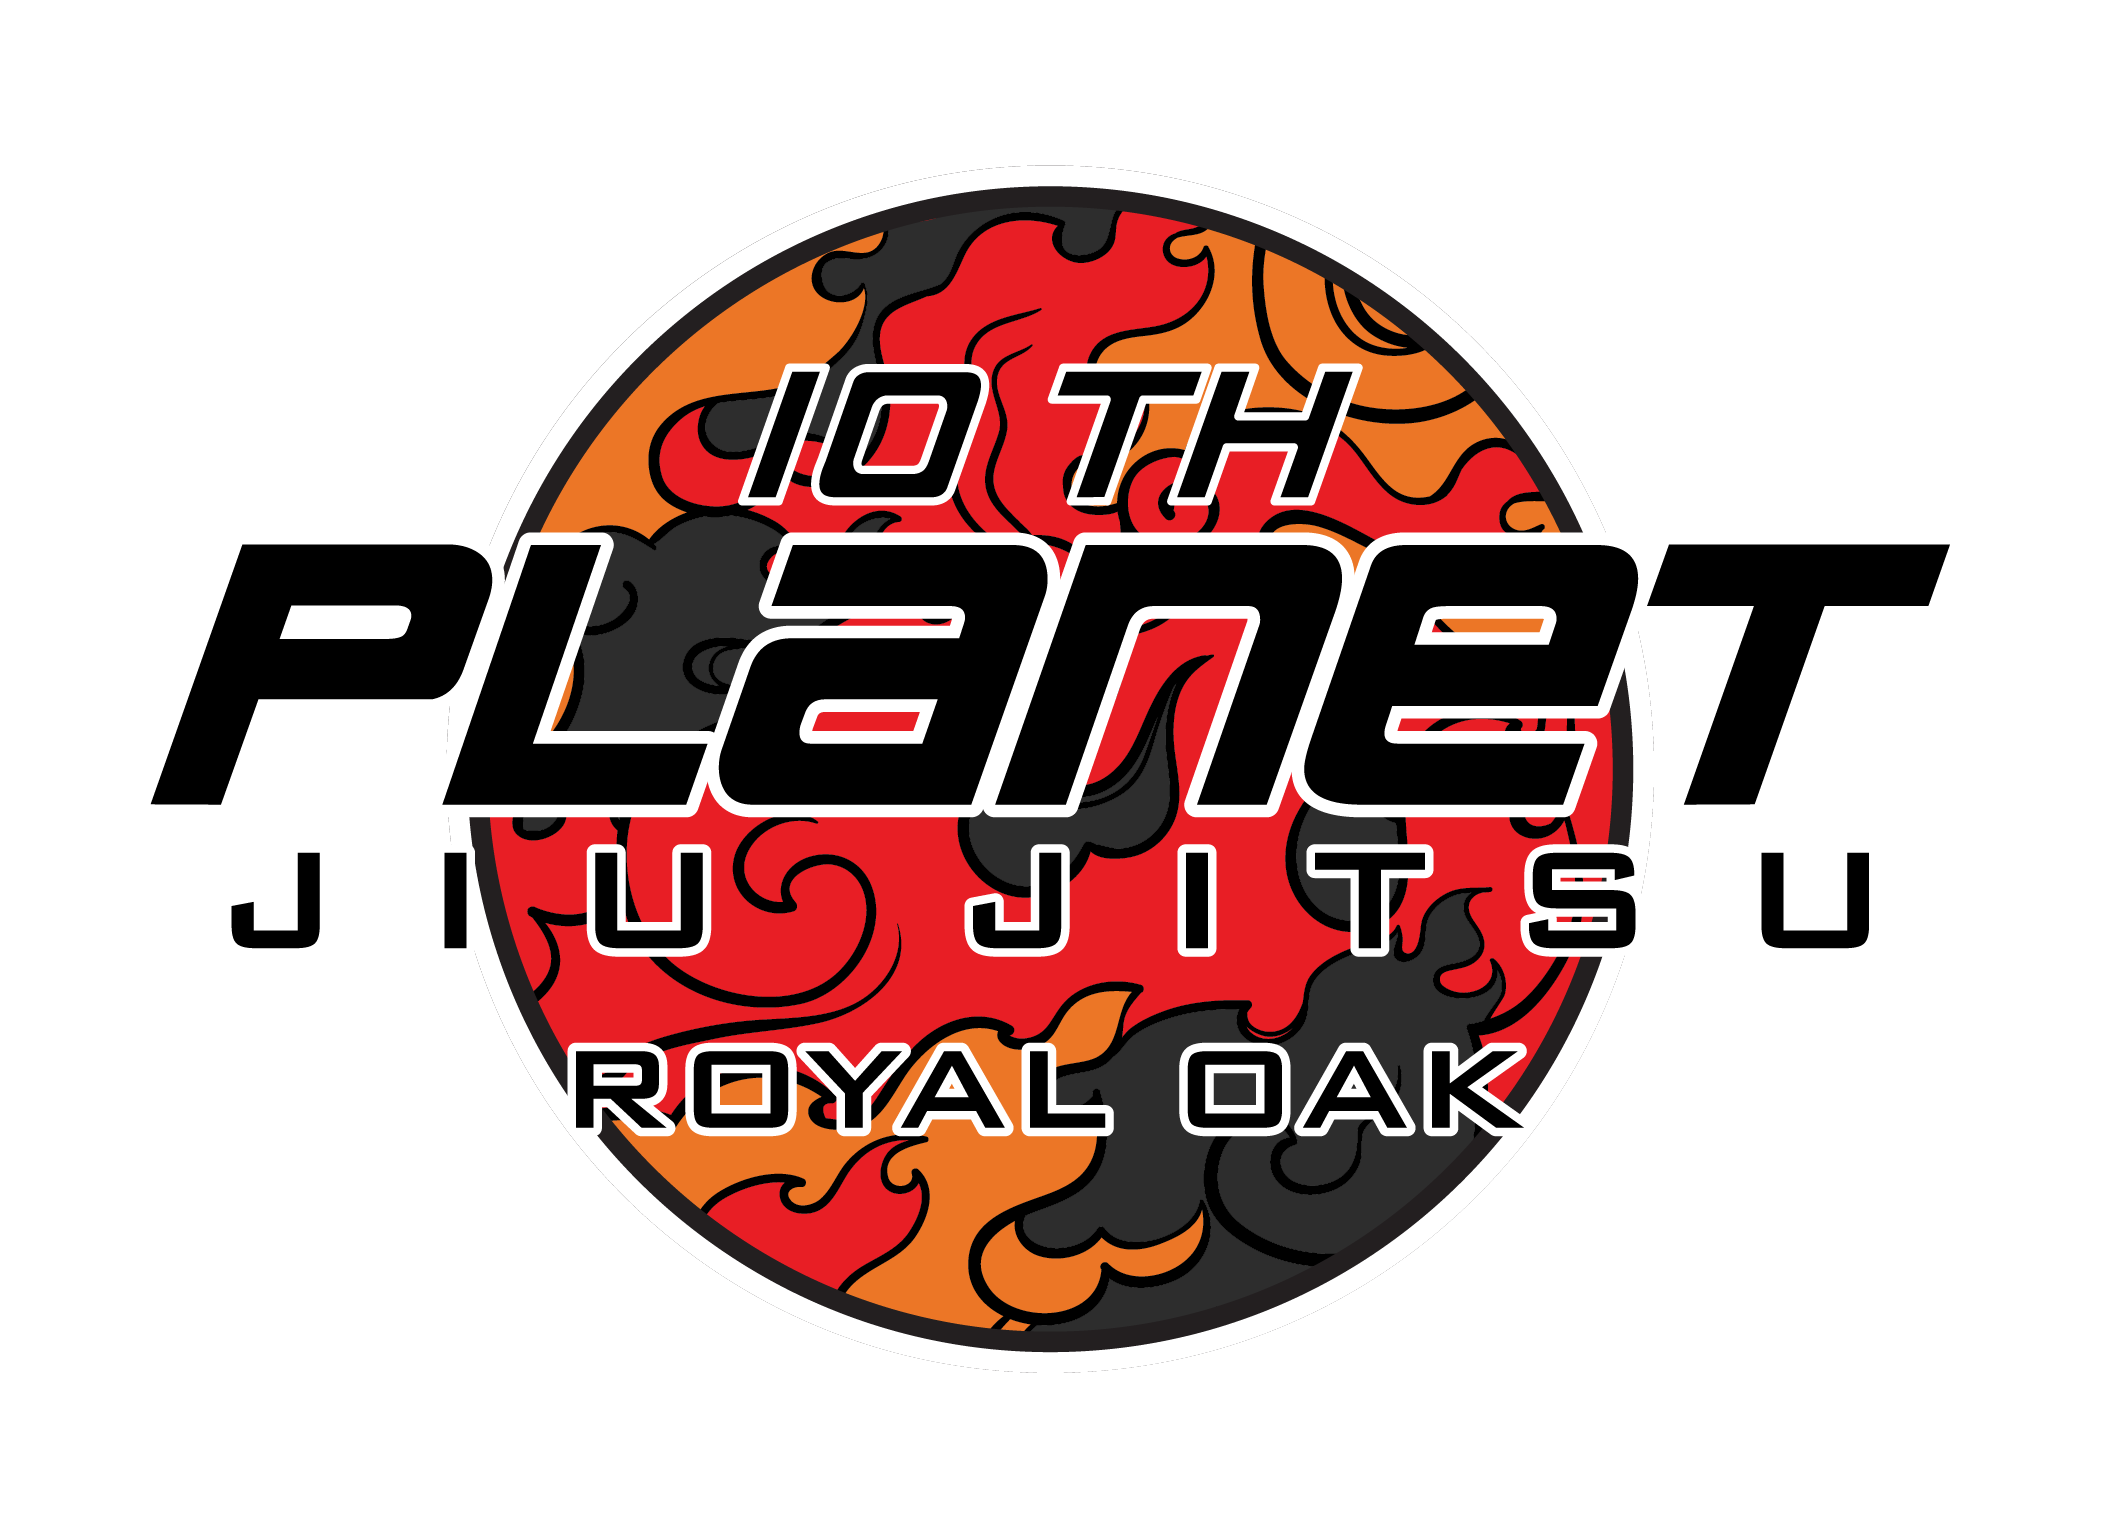 10th Planet Royal Oak